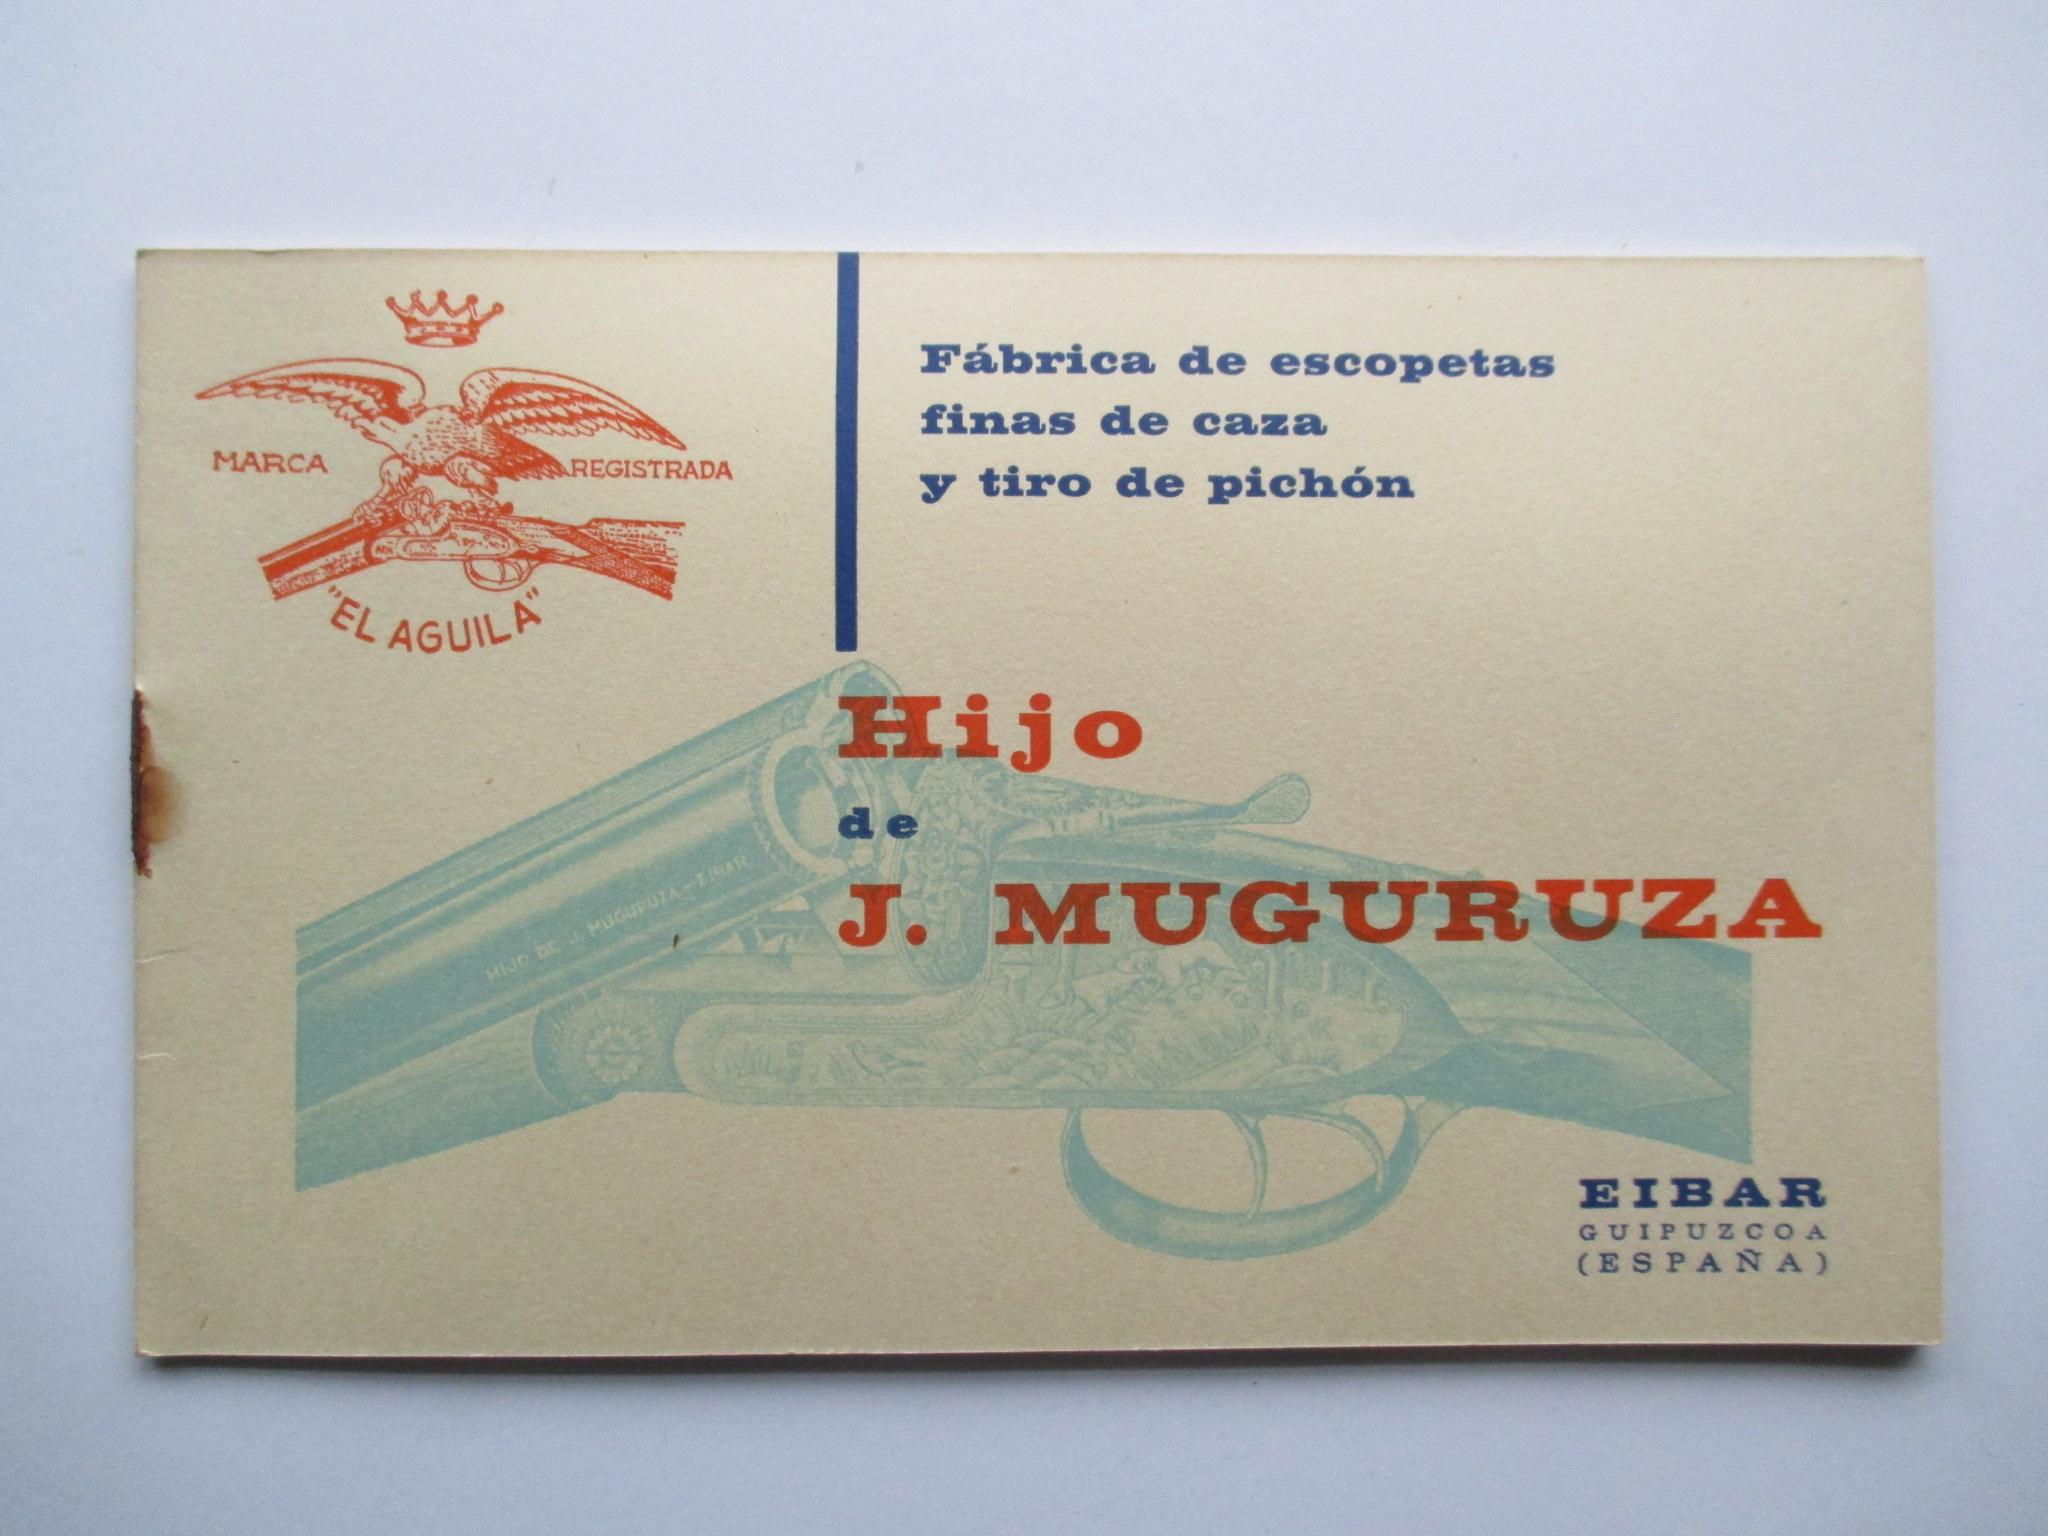 Fábrica de escopetas finas de caza y tiro pichón Hijo de J. Muguruza